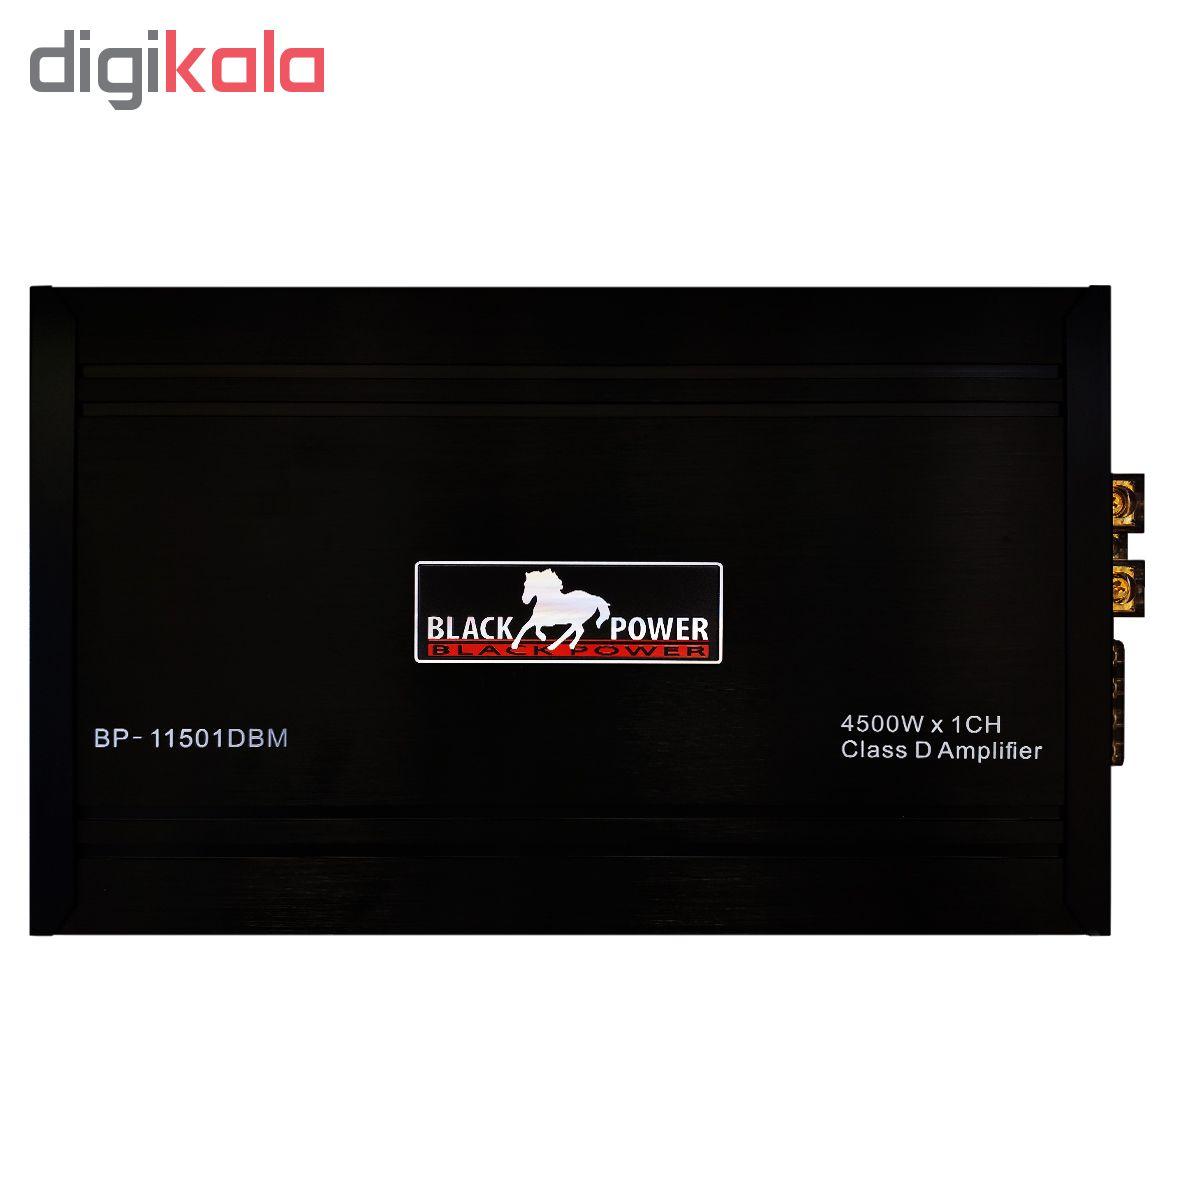 آمپلی فایر خودرو بلک پاور مدل BP-11501DBM